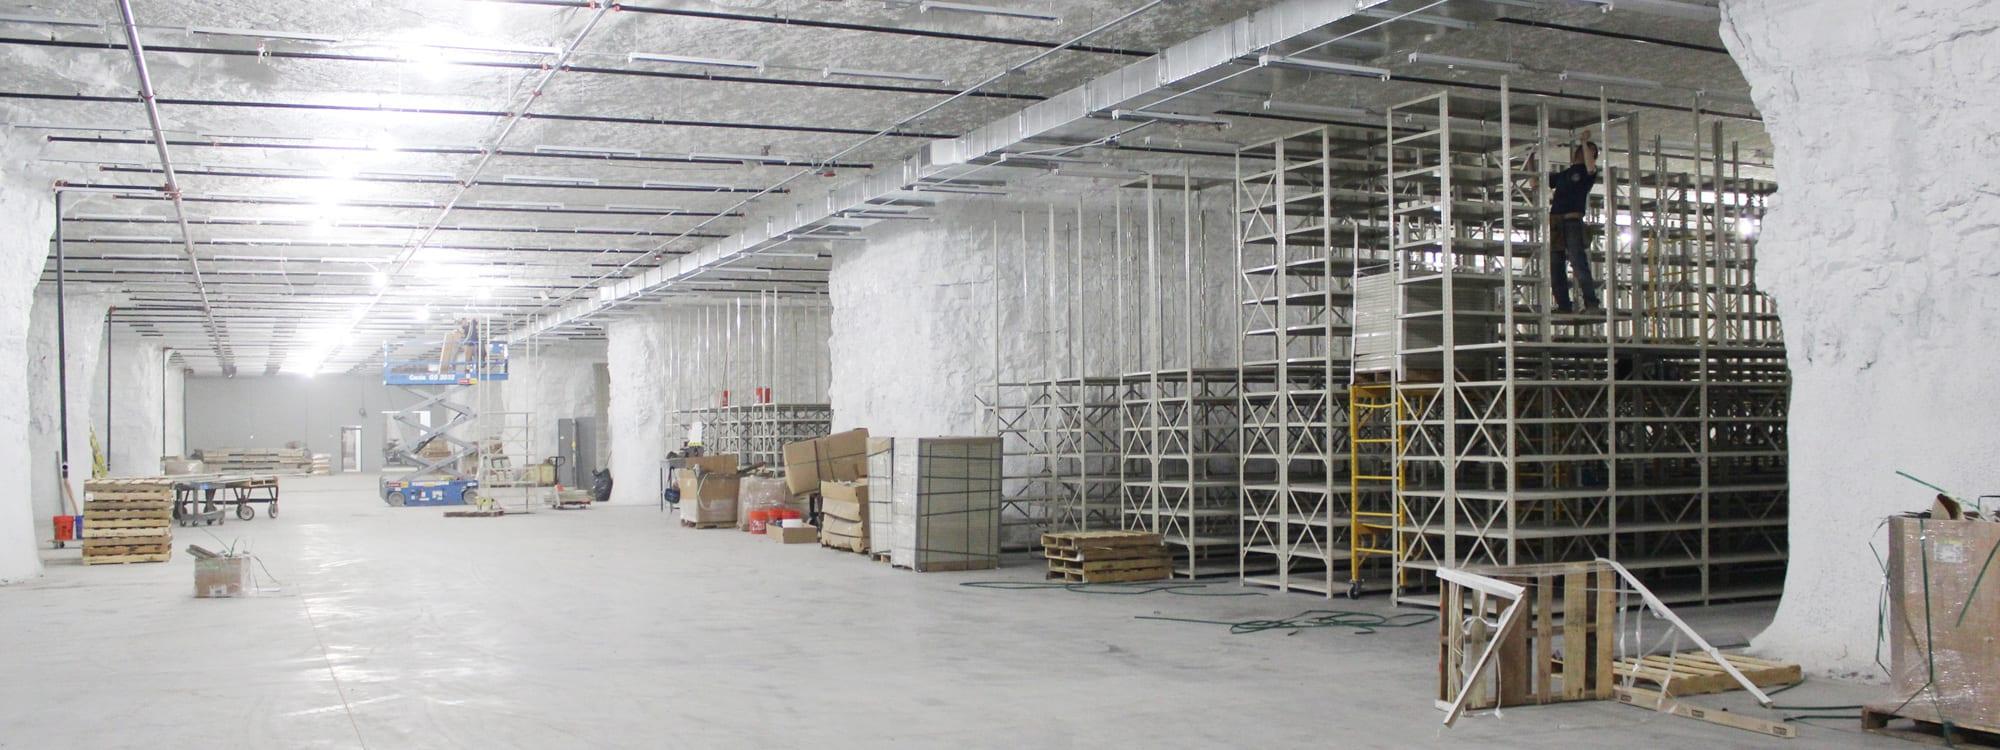 Hunt Midwest Development Services - Construction Services